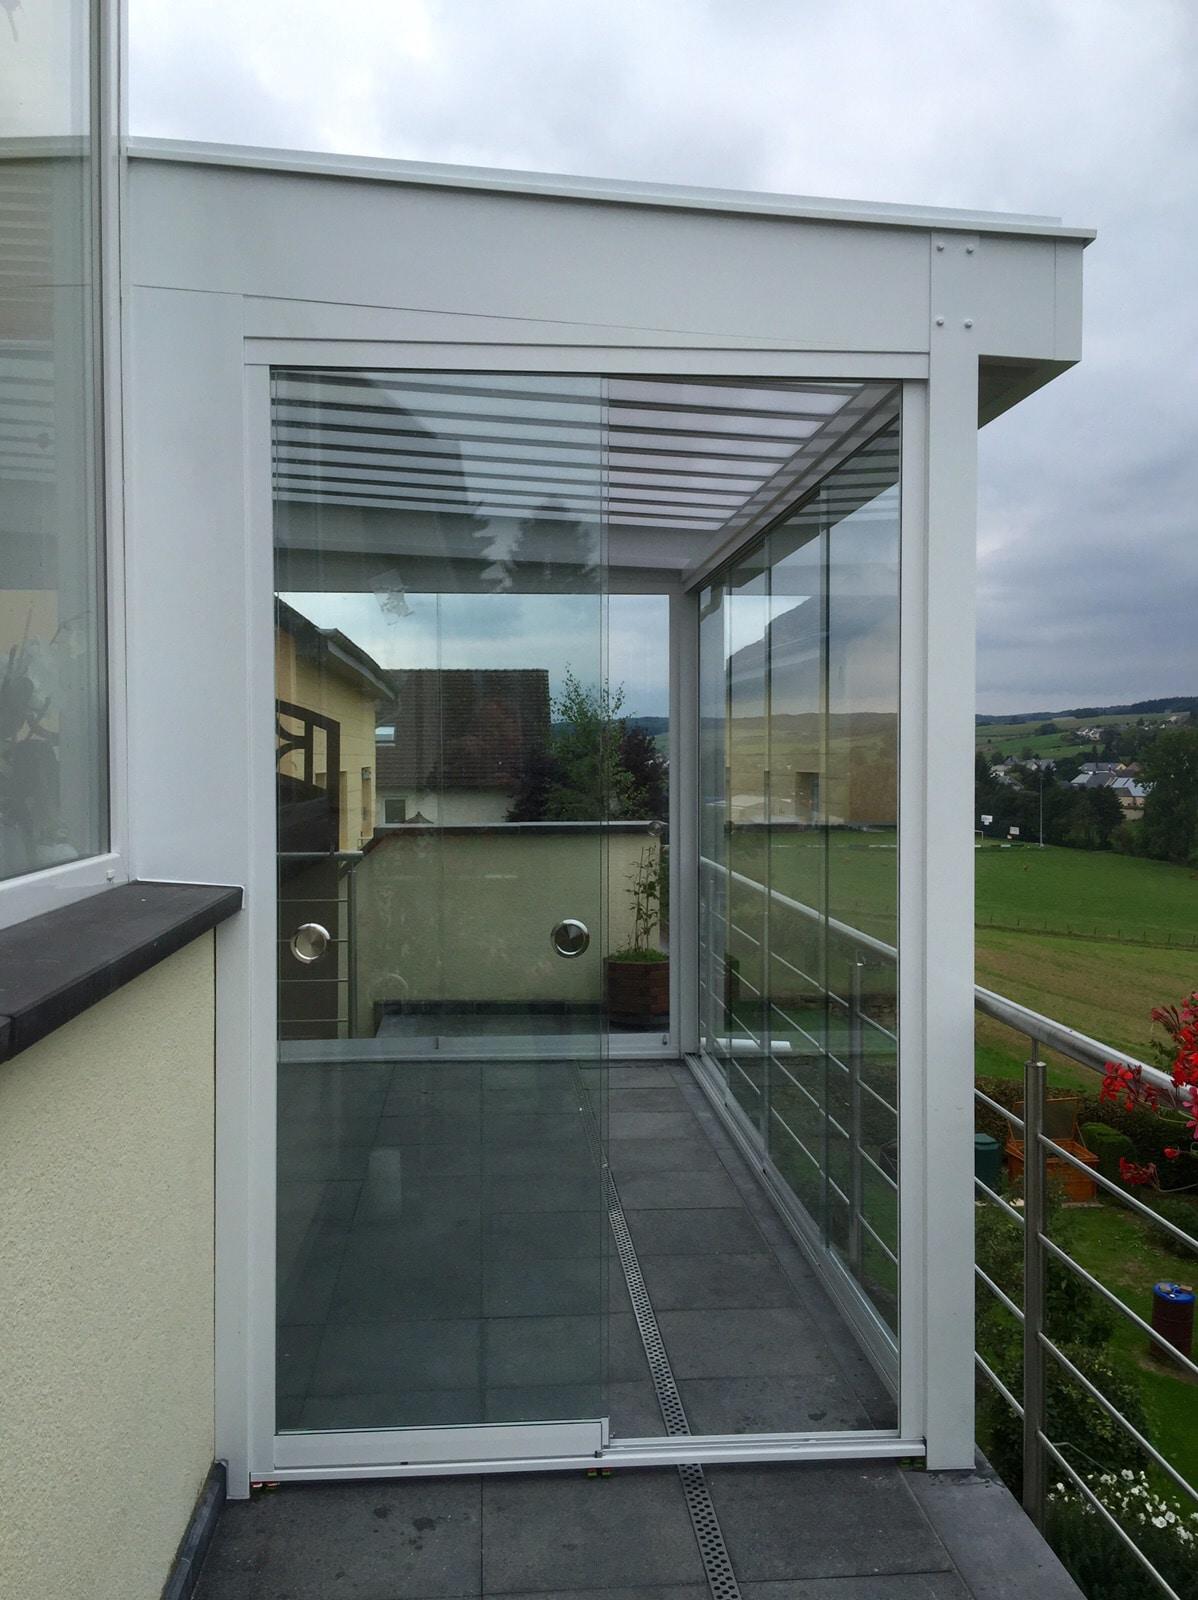 Terrassenüberdachung mit Schiebetüren nachrüsten